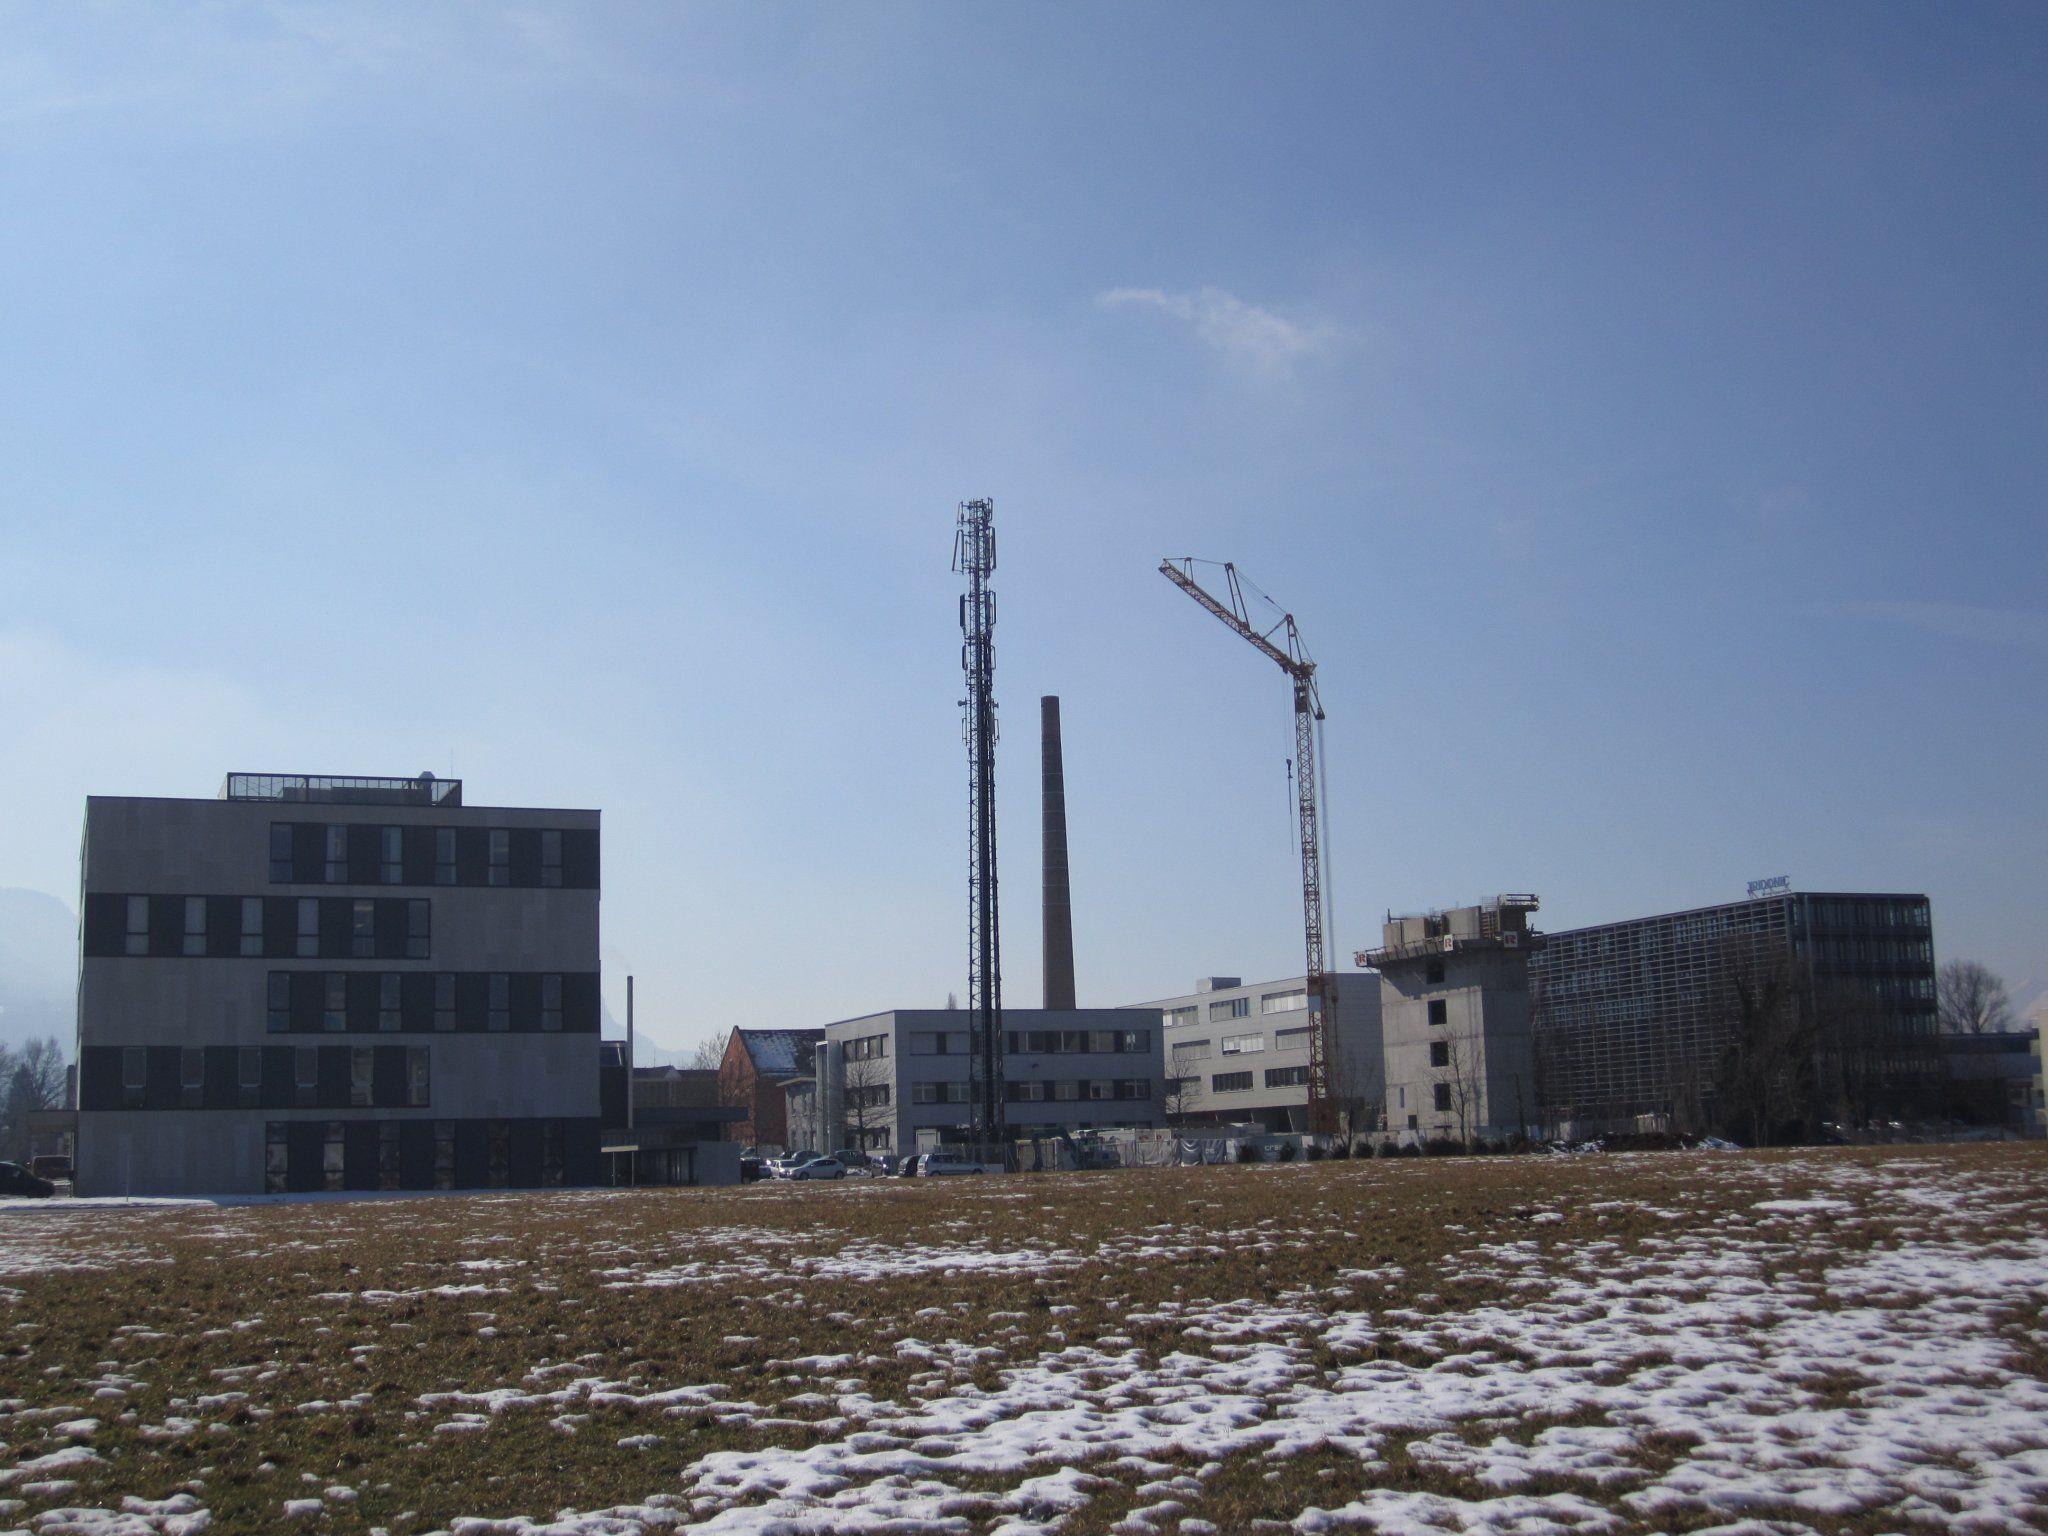 Mit dem Bau des LifeCircle Towers wurde bereits begonnen.